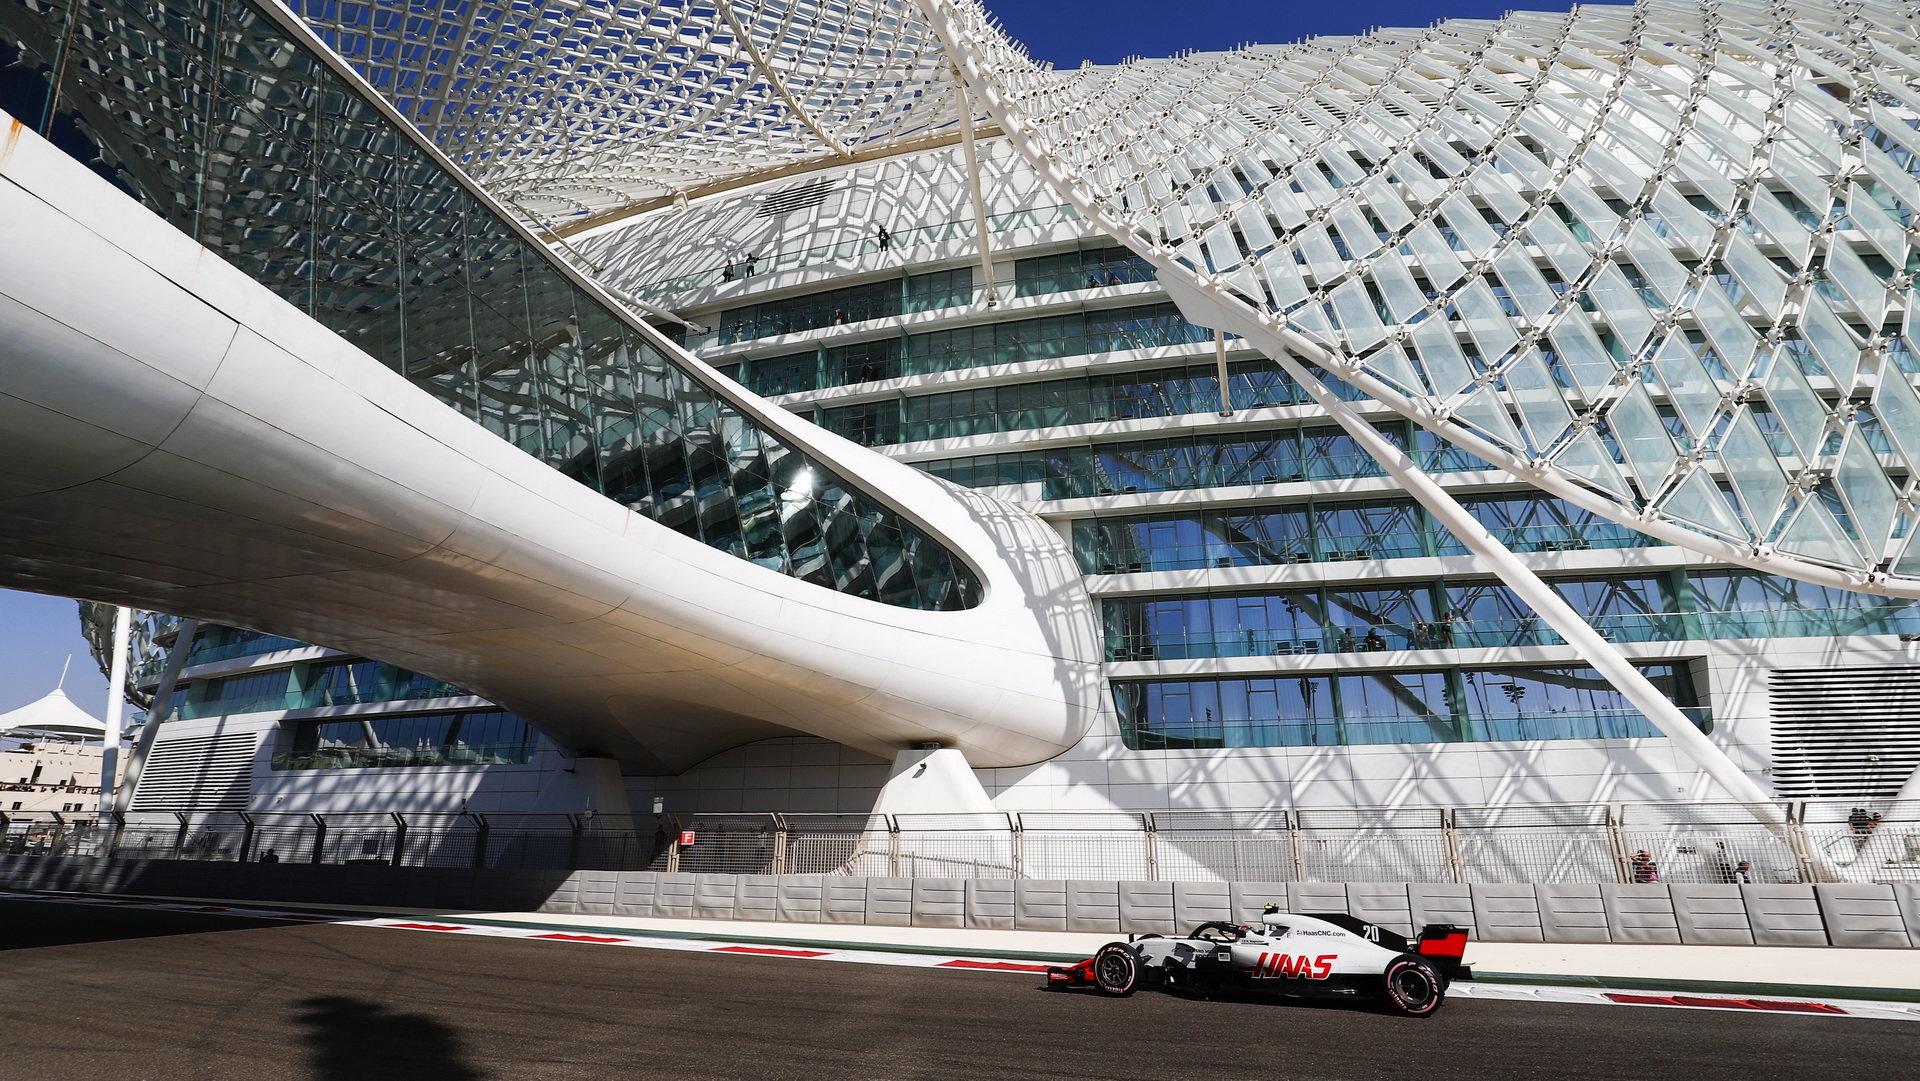 Haas je v F1 teprve třetím rokem, přesto se mu daří pravidelně dojíždět na bodech a předčit tradiční týmy - letos nestačil pouze na Mercedes, Ferrari, Red Bull a Renault